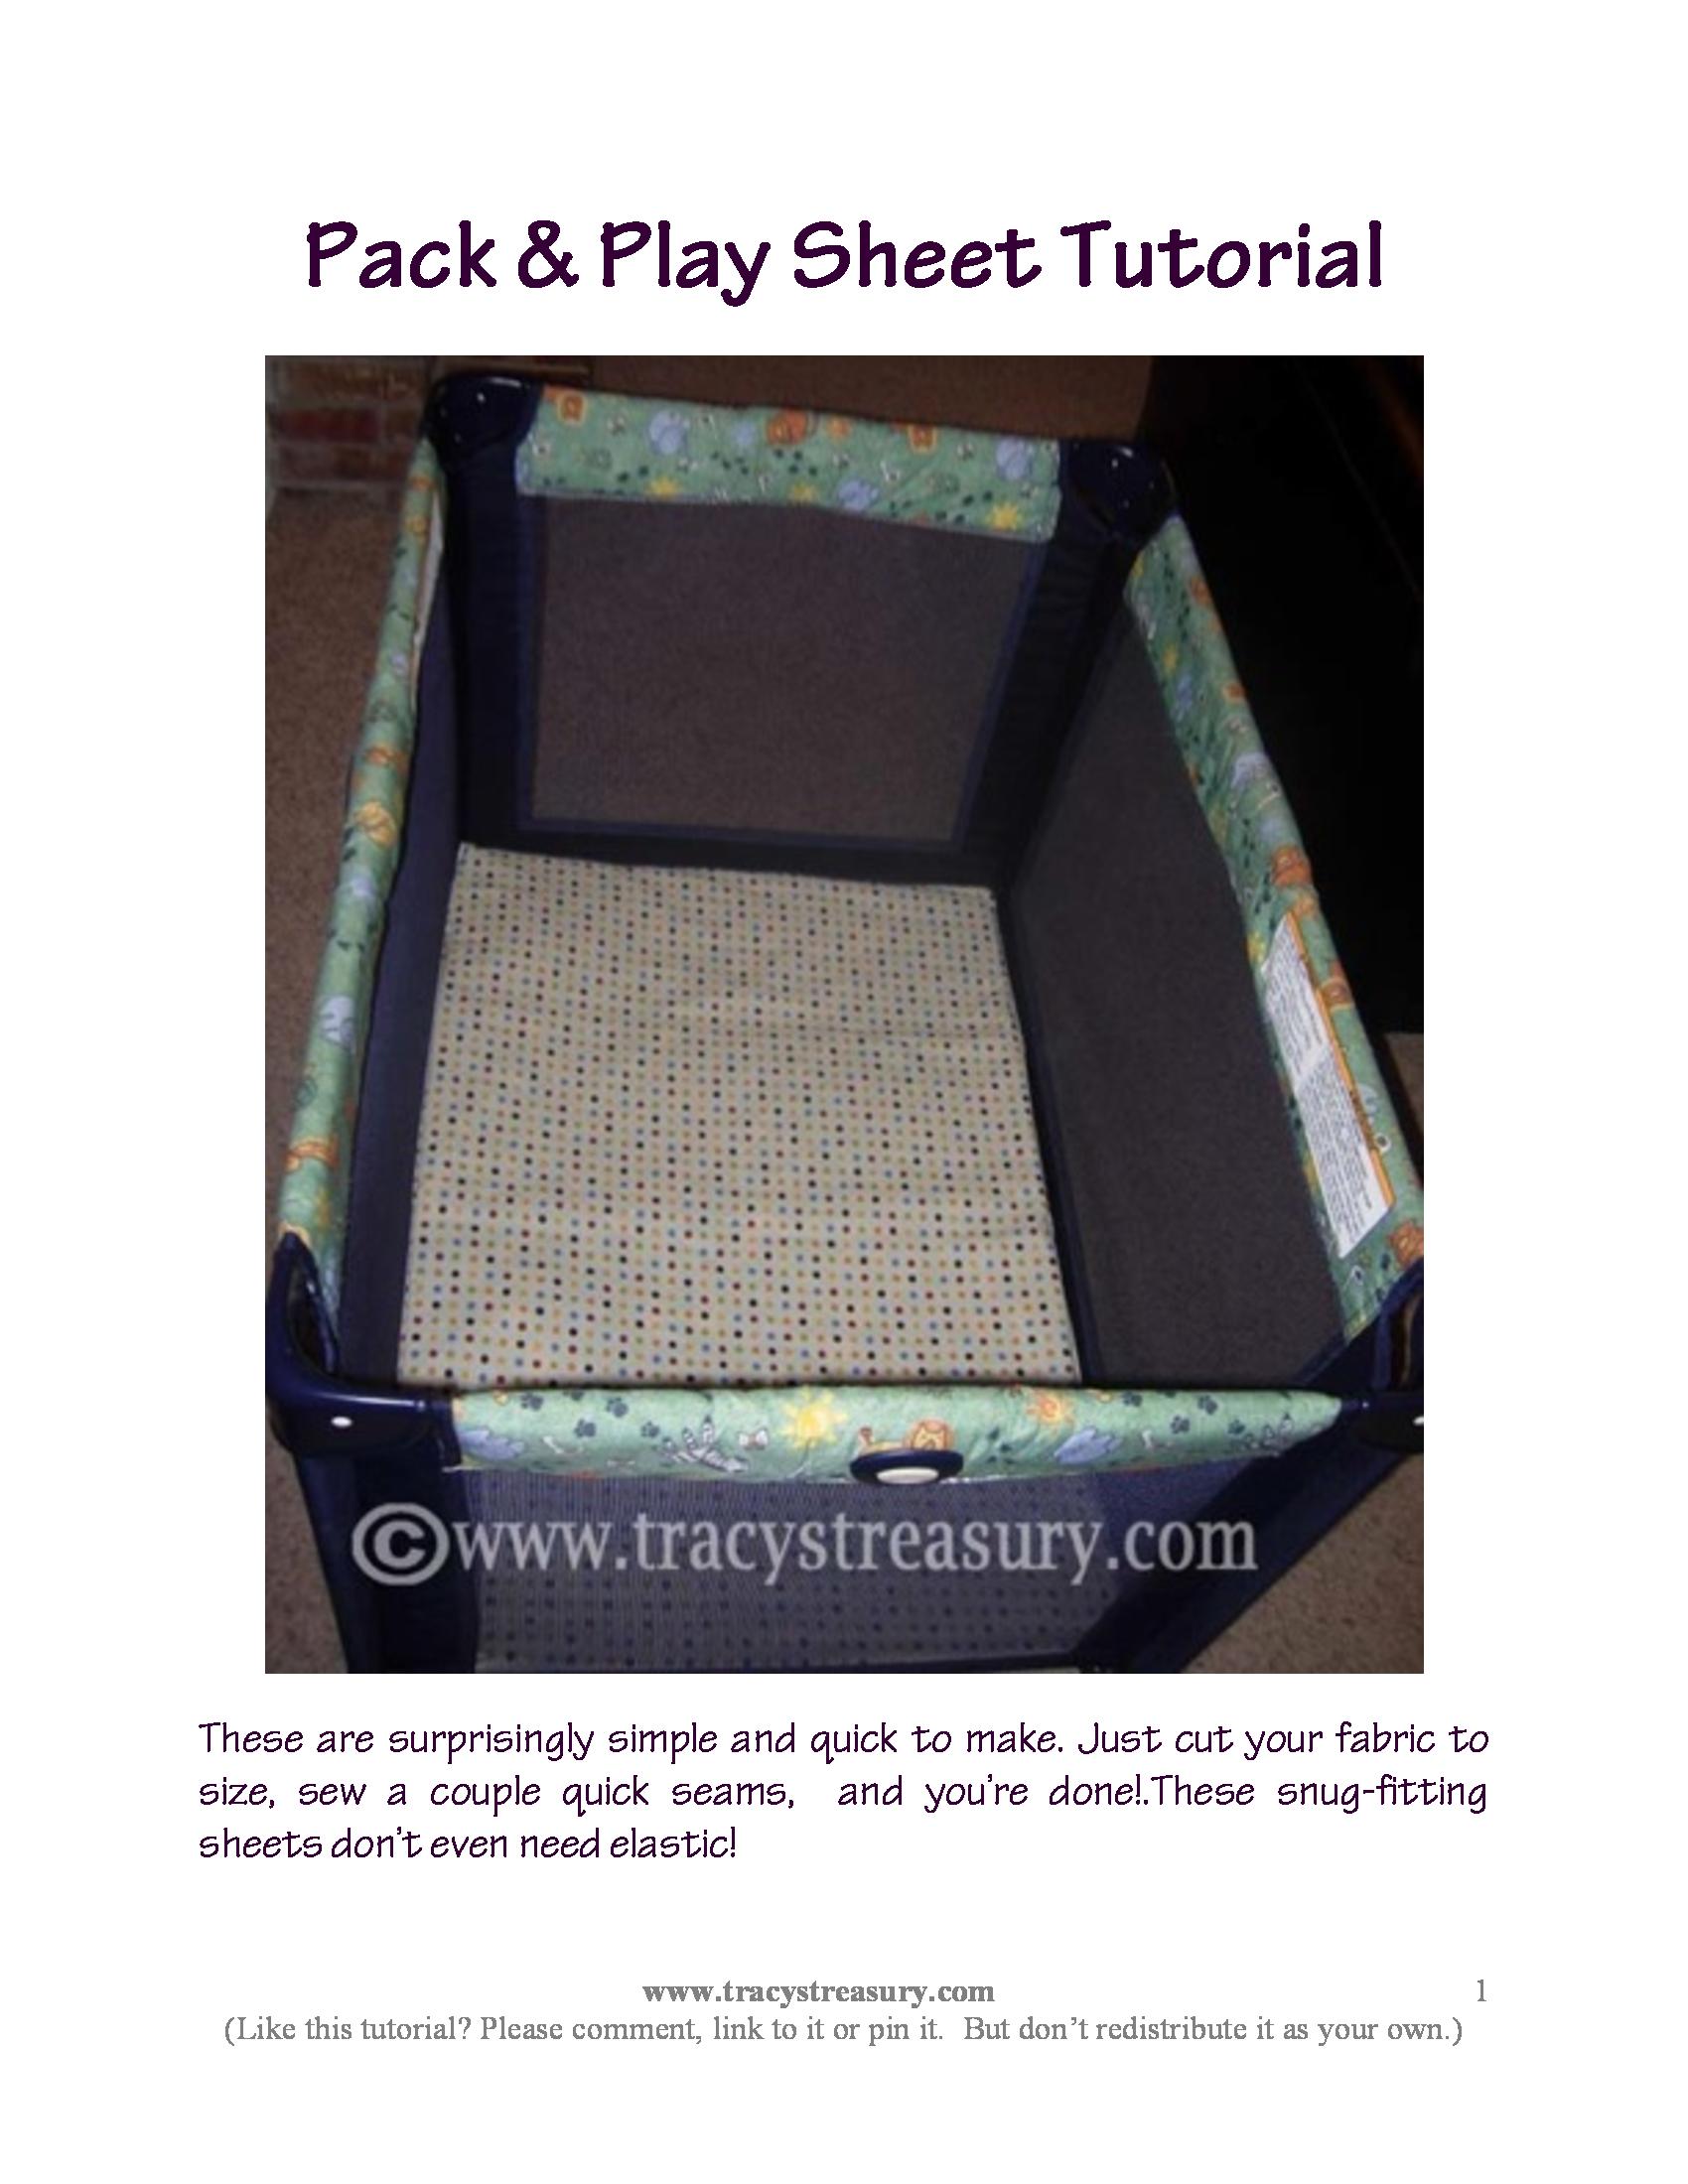 Pack n Play Sheet Tutorial Pack n play, Pack, play